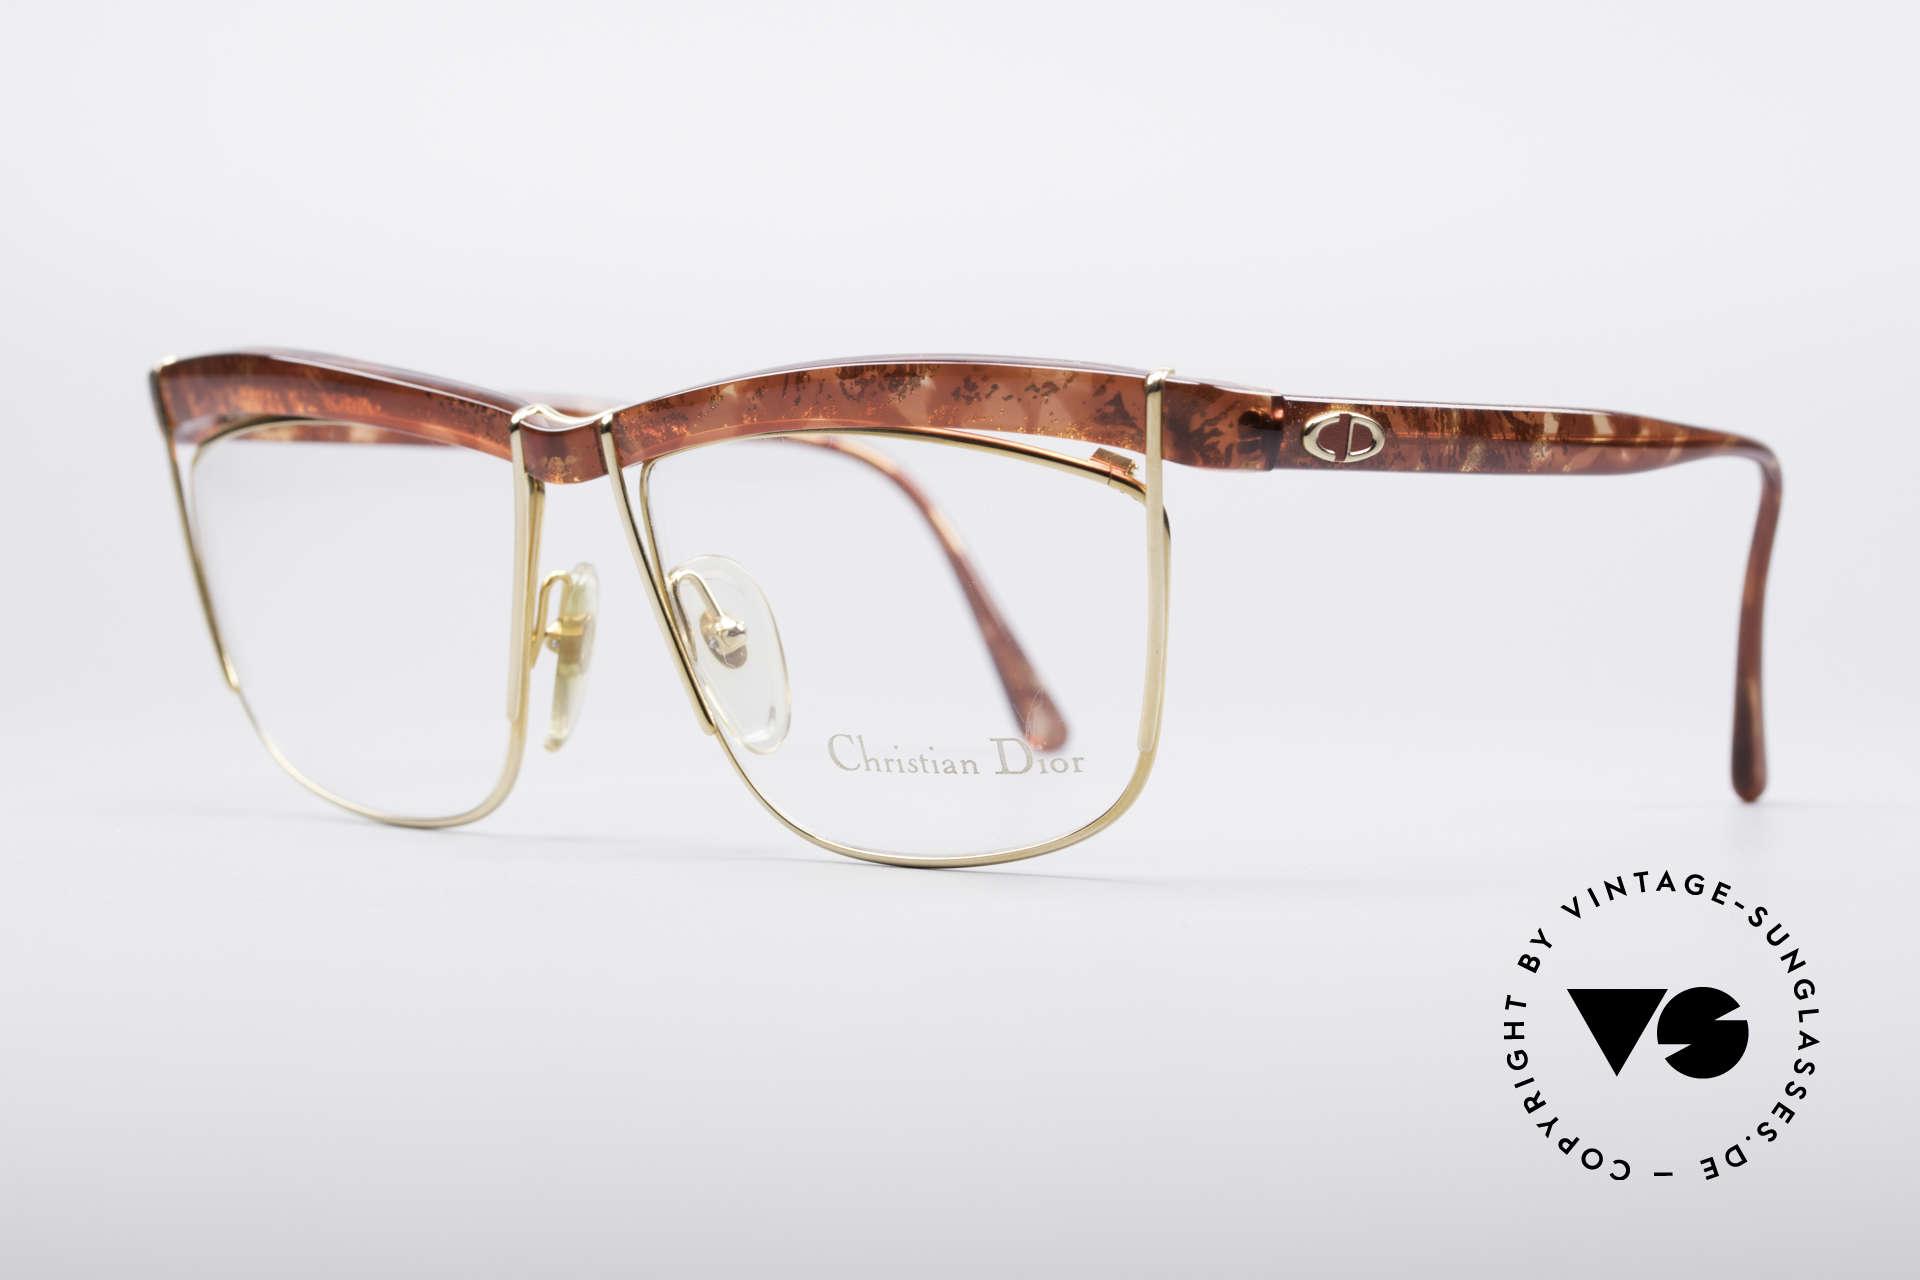 Christian Dior 2552 90er Vintage Brille, tolle Kombination v. Formen/Farben/Materialien, Passend für Damen